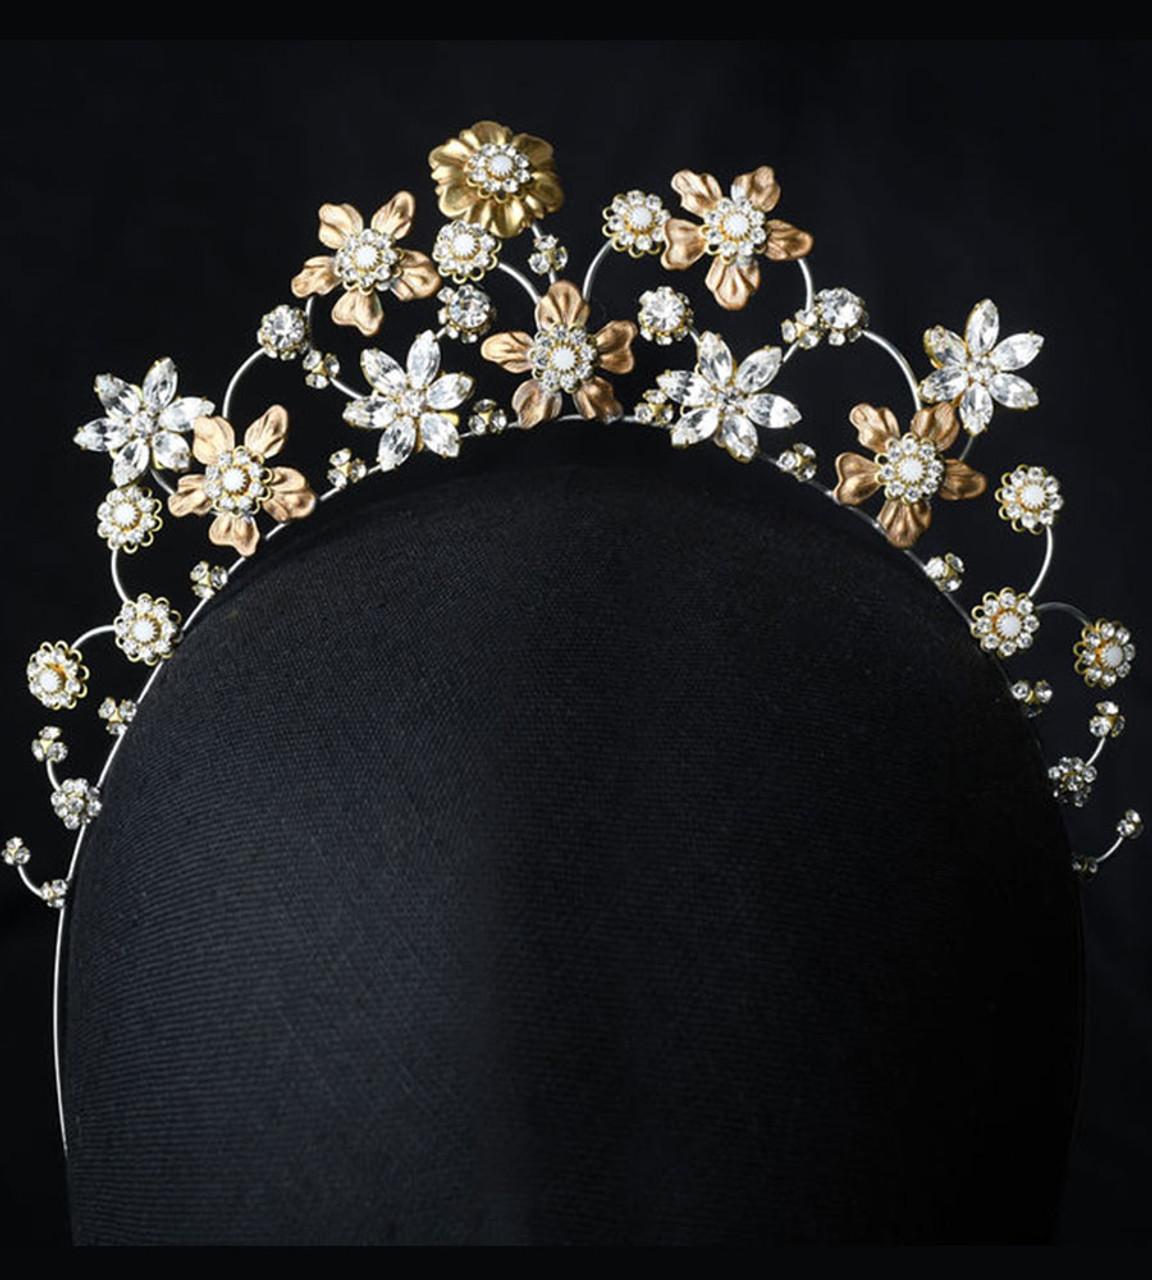 Erica Koesler A-5670 - Headband of eclectic metals and stones